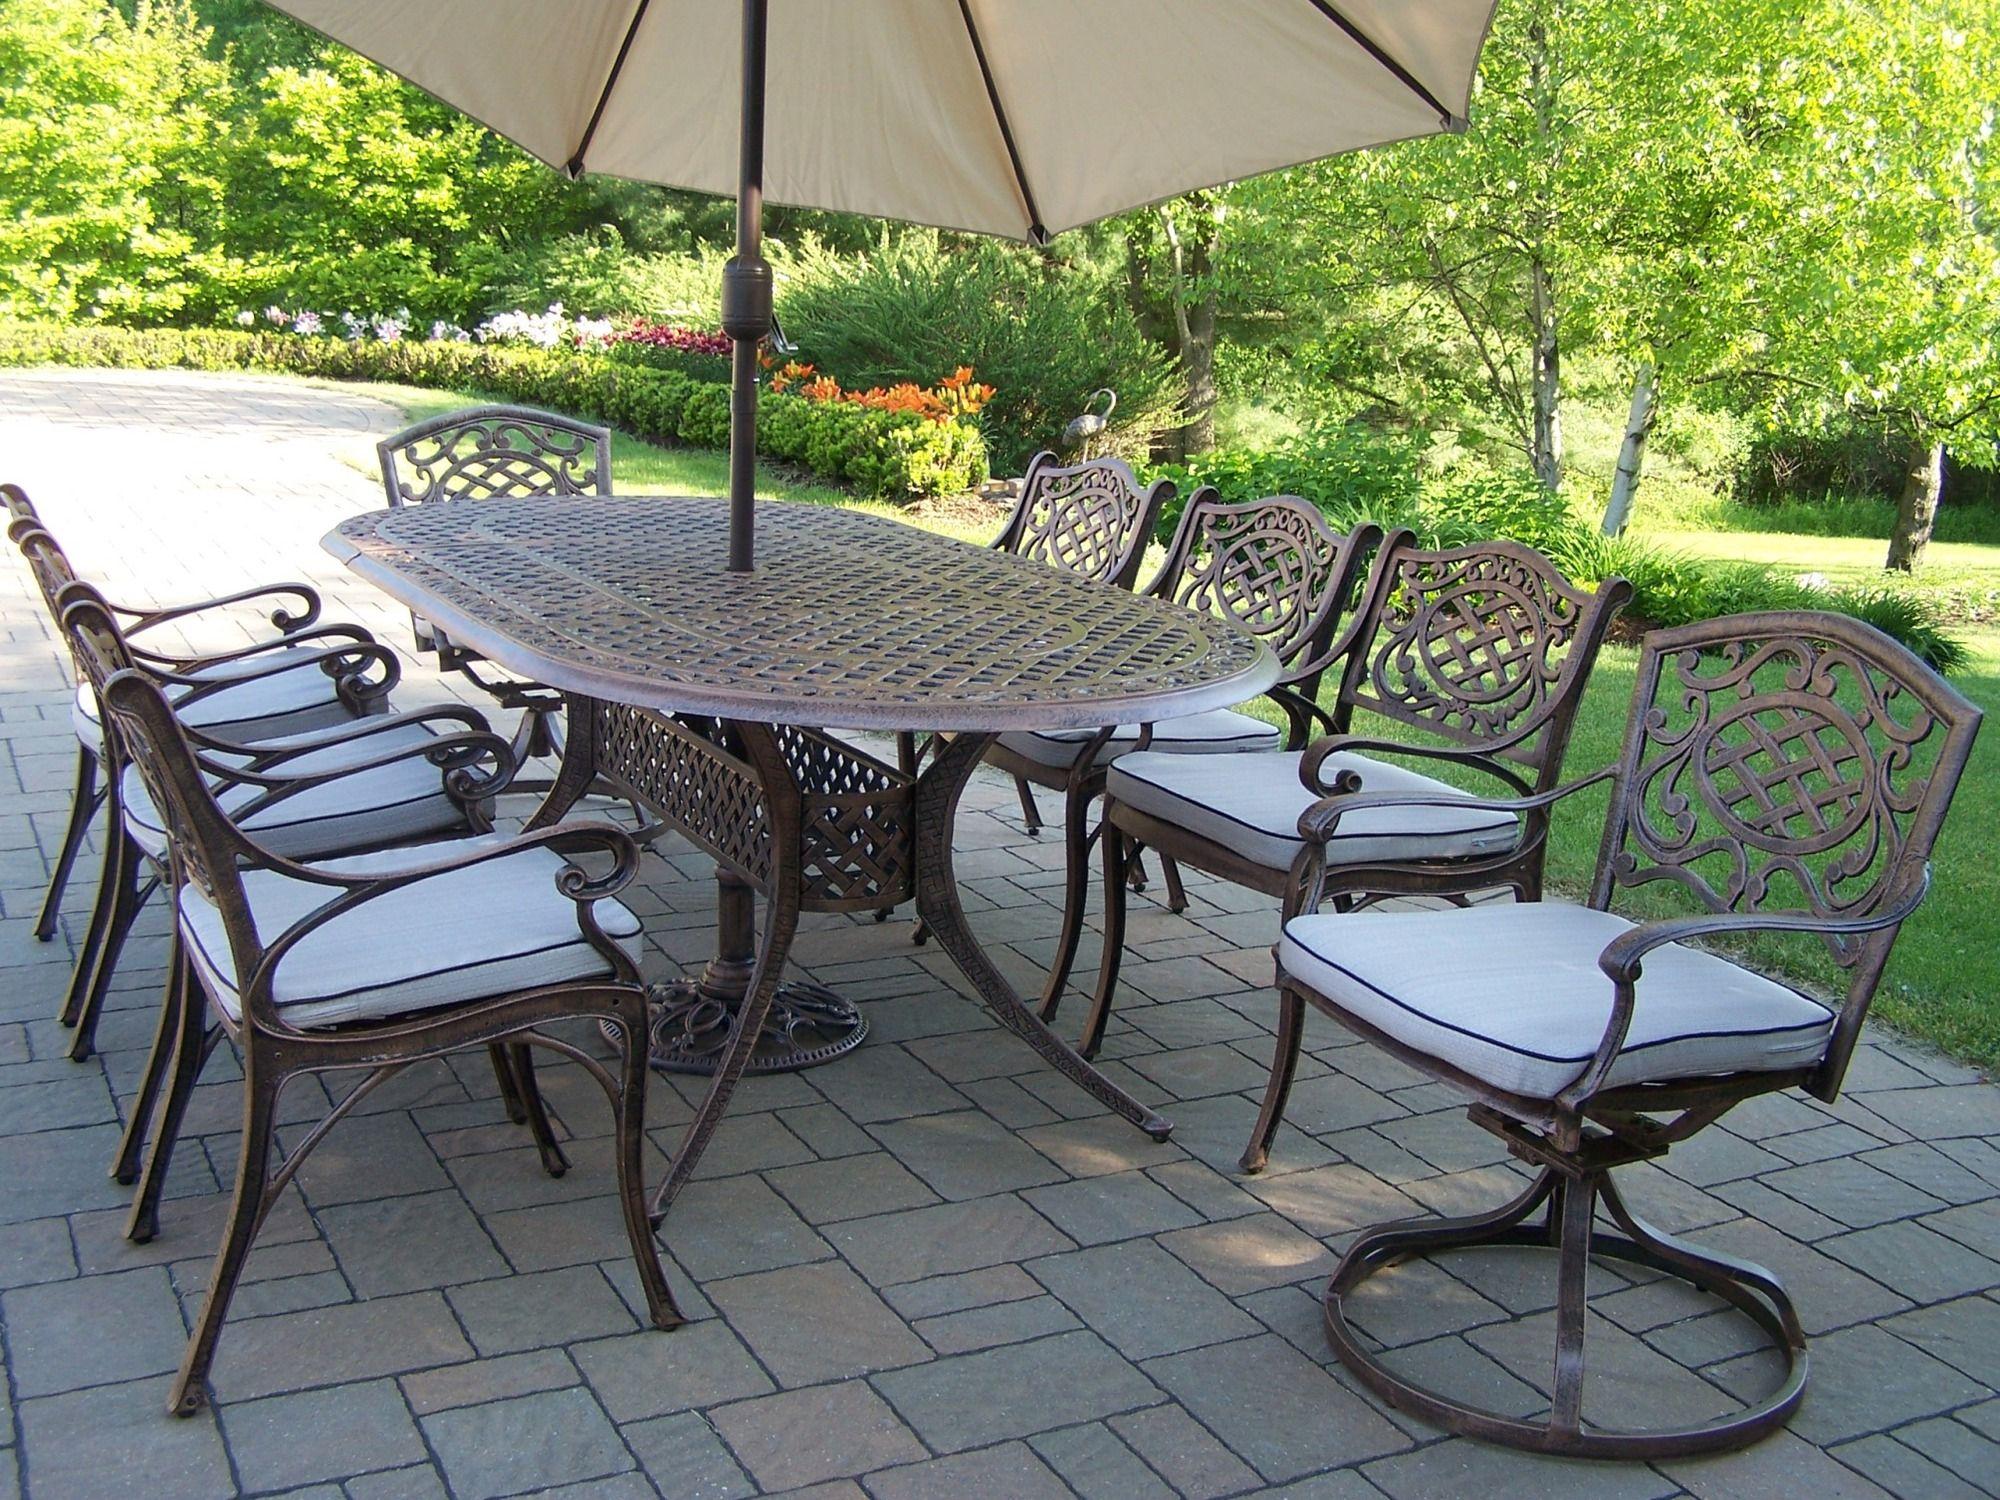 oakland living mississippi 9 piece dining set yard pinterest